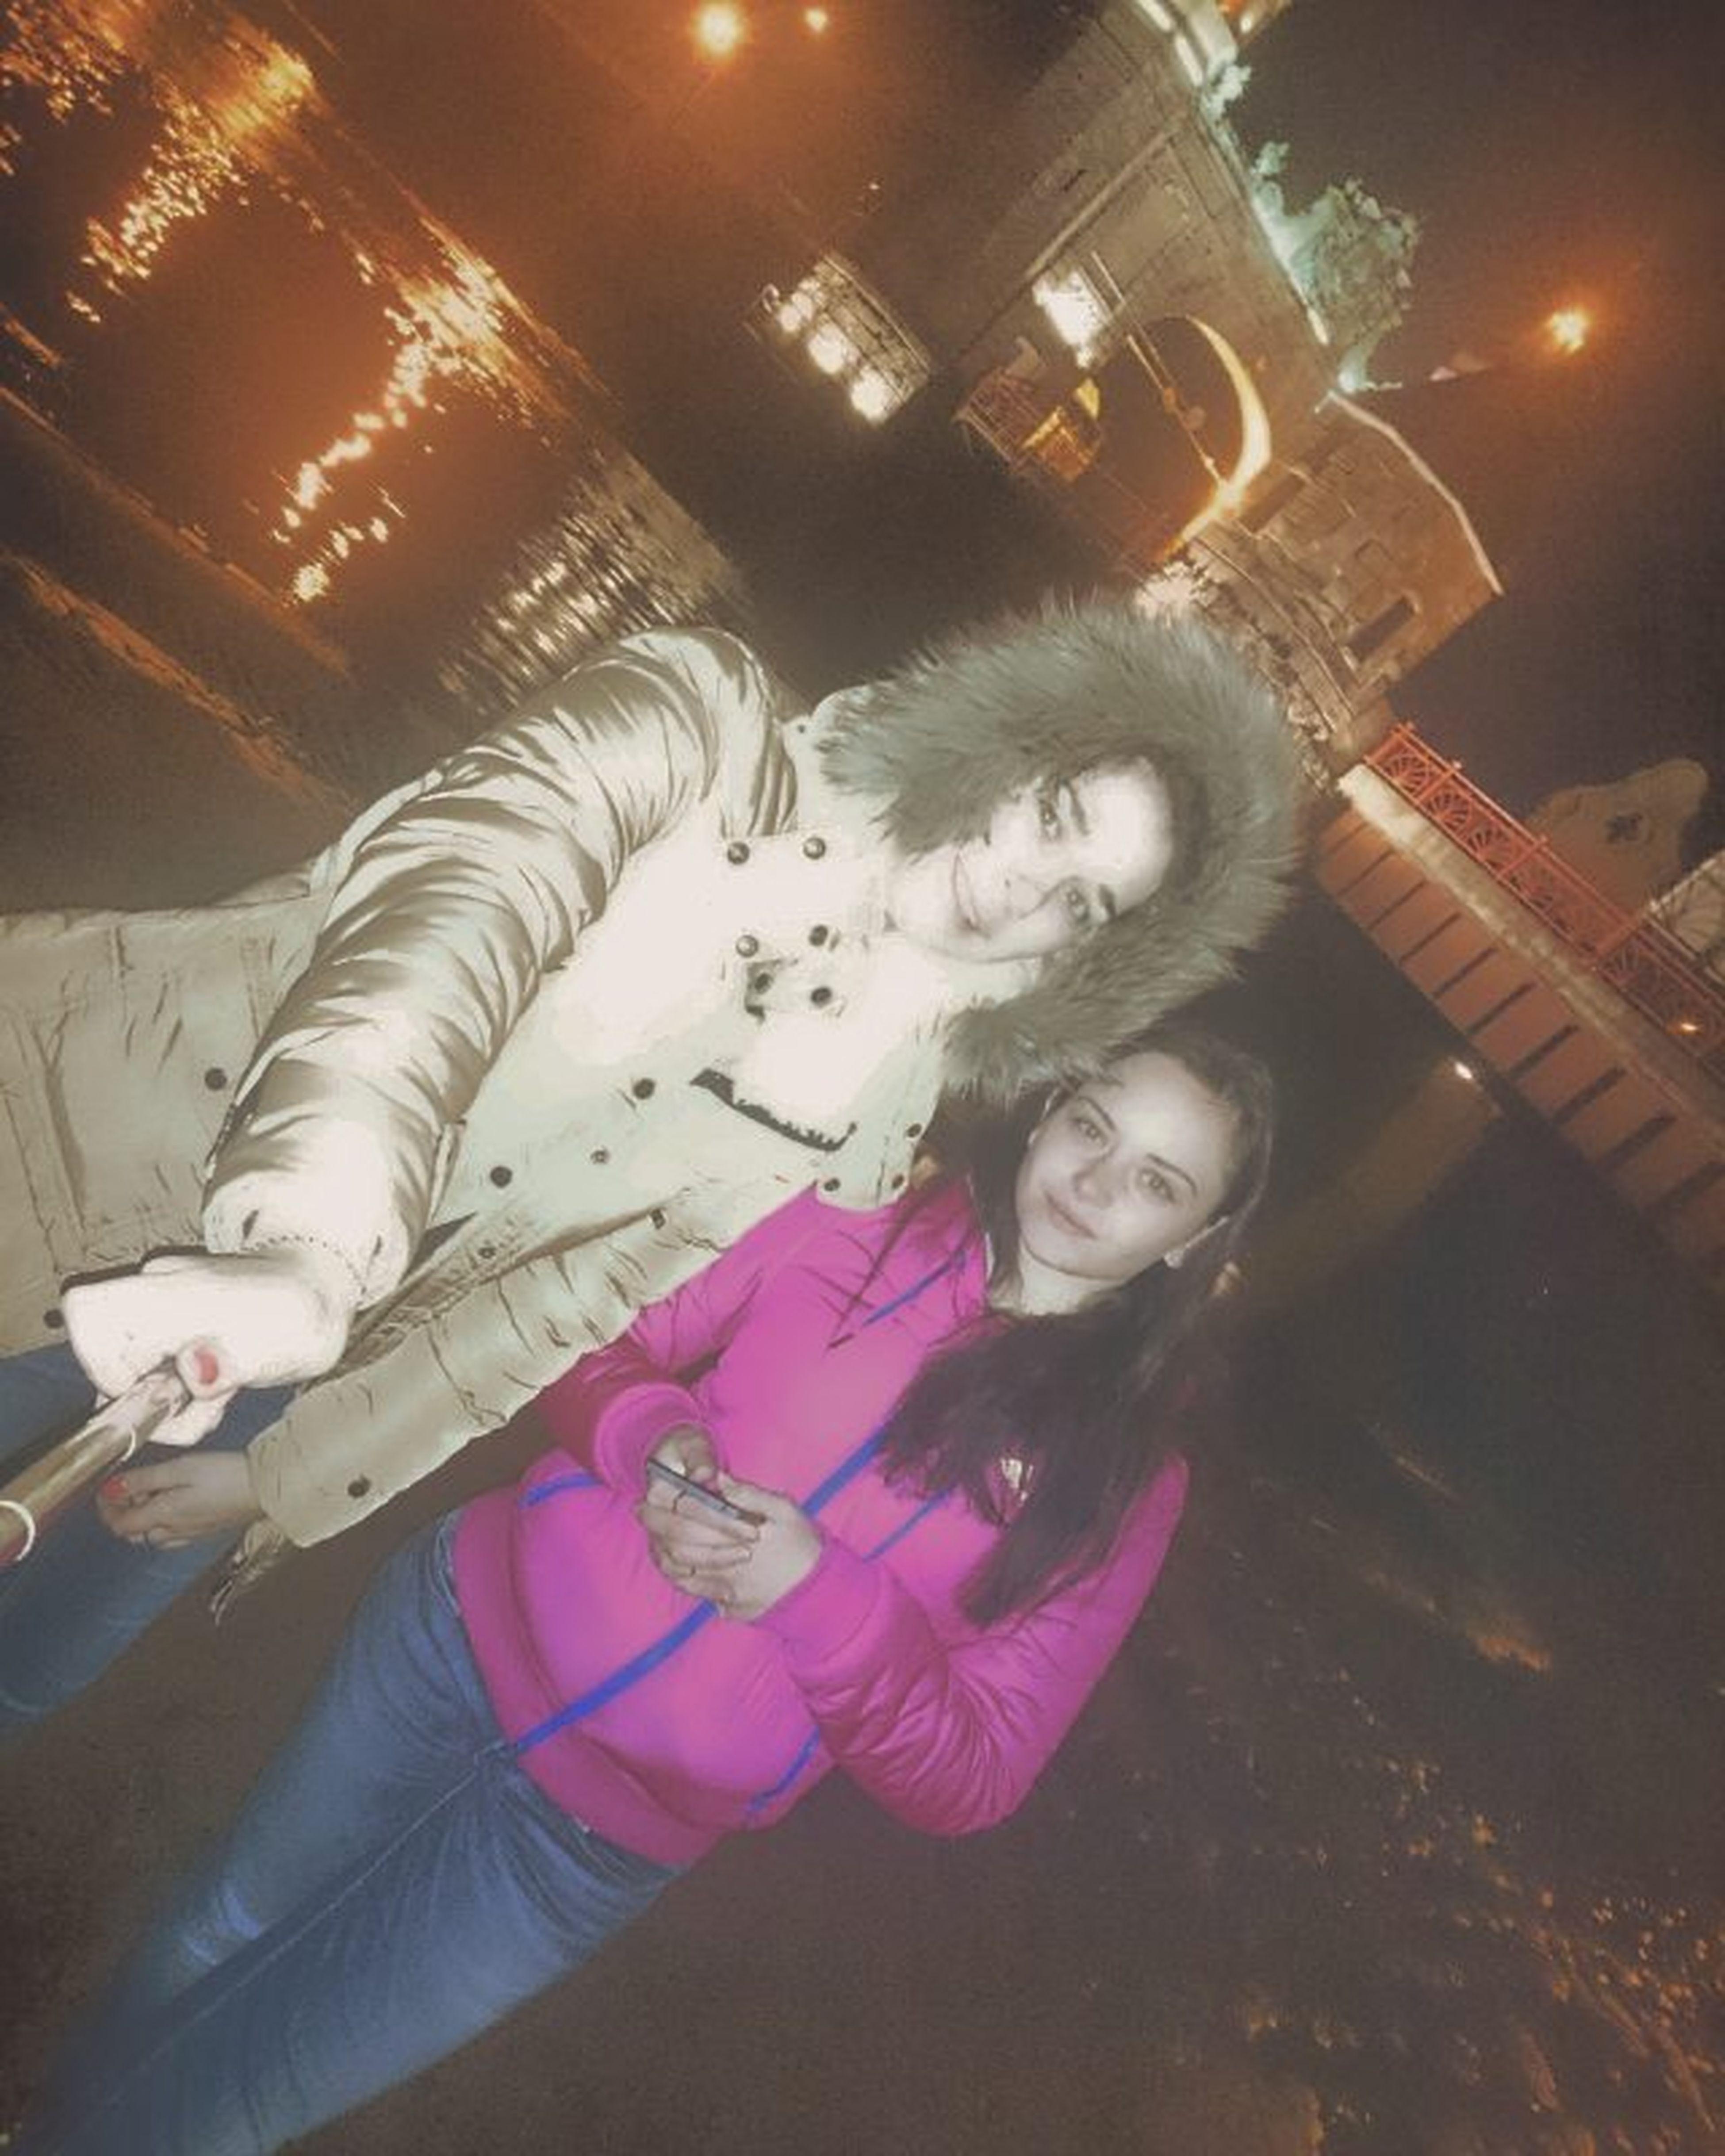 00:12ночи гуляем в Советске😜😀👍👌✌ советск калининградская_область Ночь гуляем Катаемся 😚 Selfiekaliningrad Selfi